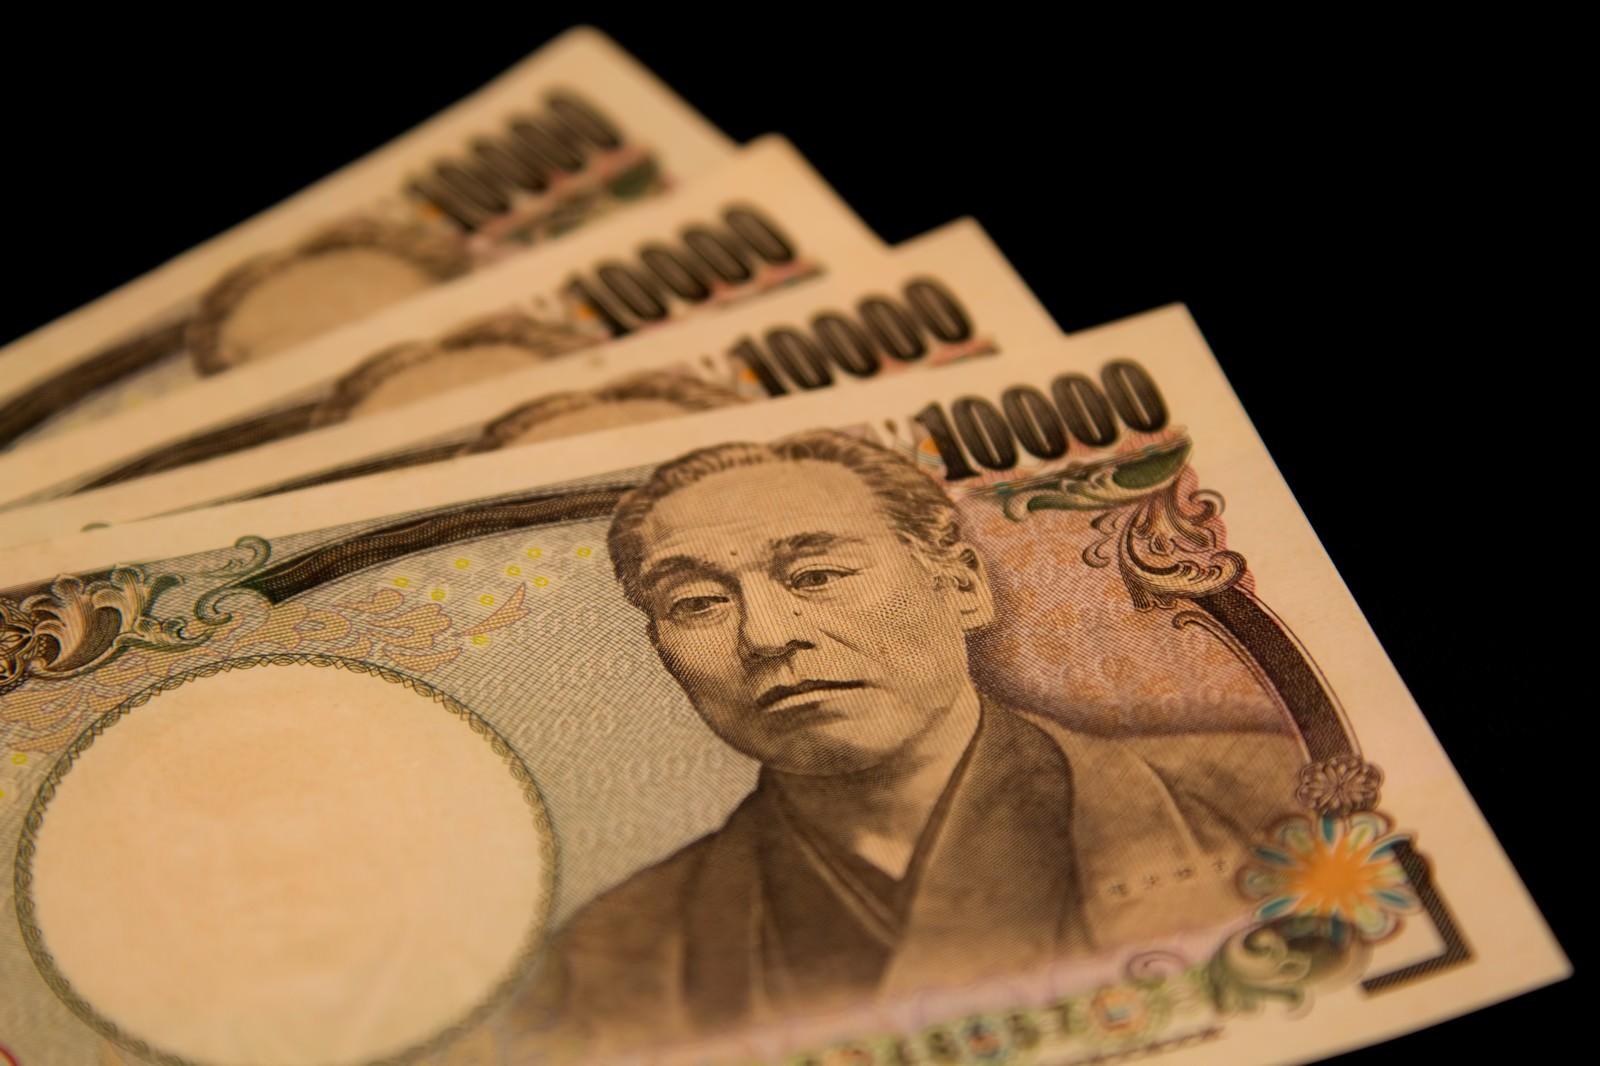 壱萬円札4枚壱萬円札4枚